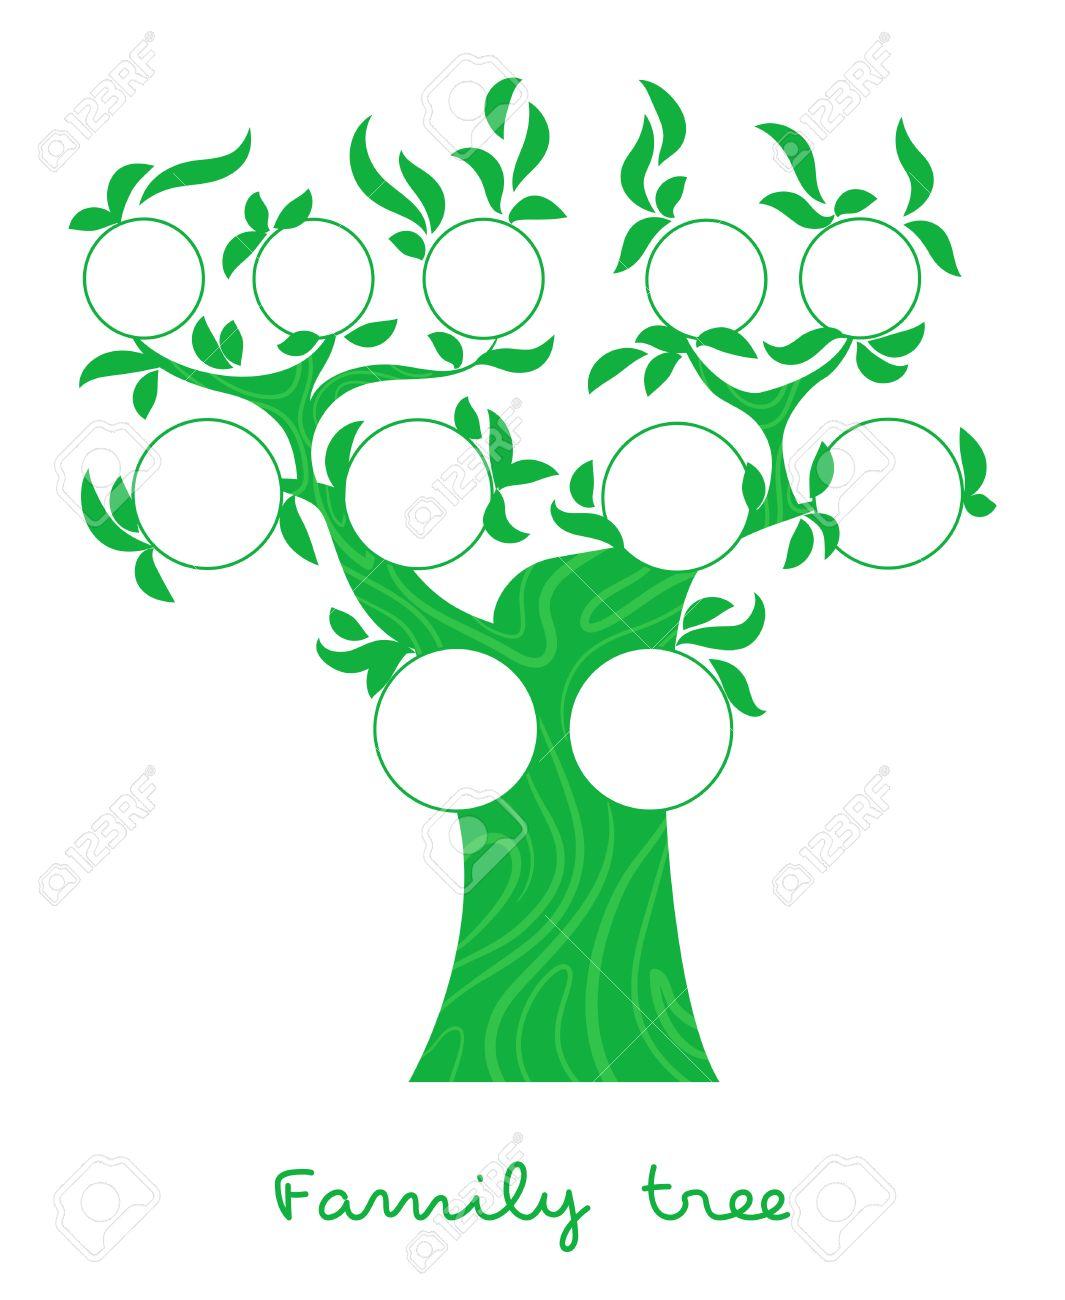 Carta Del árbol De Familia, árbol Genealógico, Retratos Familiares ...